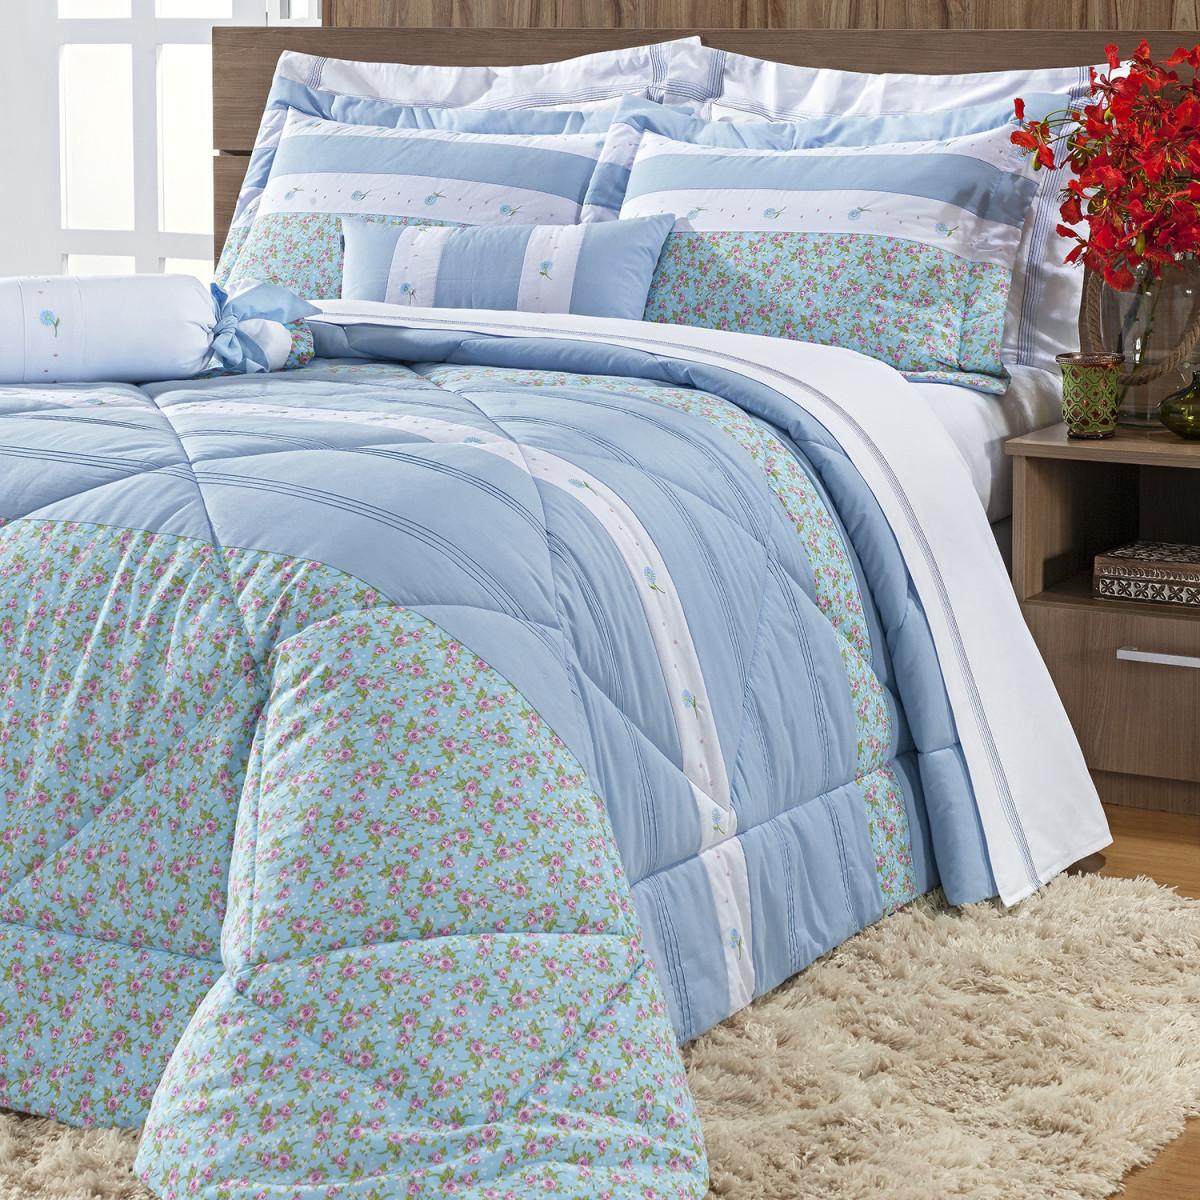 481a33cb0a Natalie Kit Colcha King Percal 150 Fios 100 Algodão 7 Peças Azul